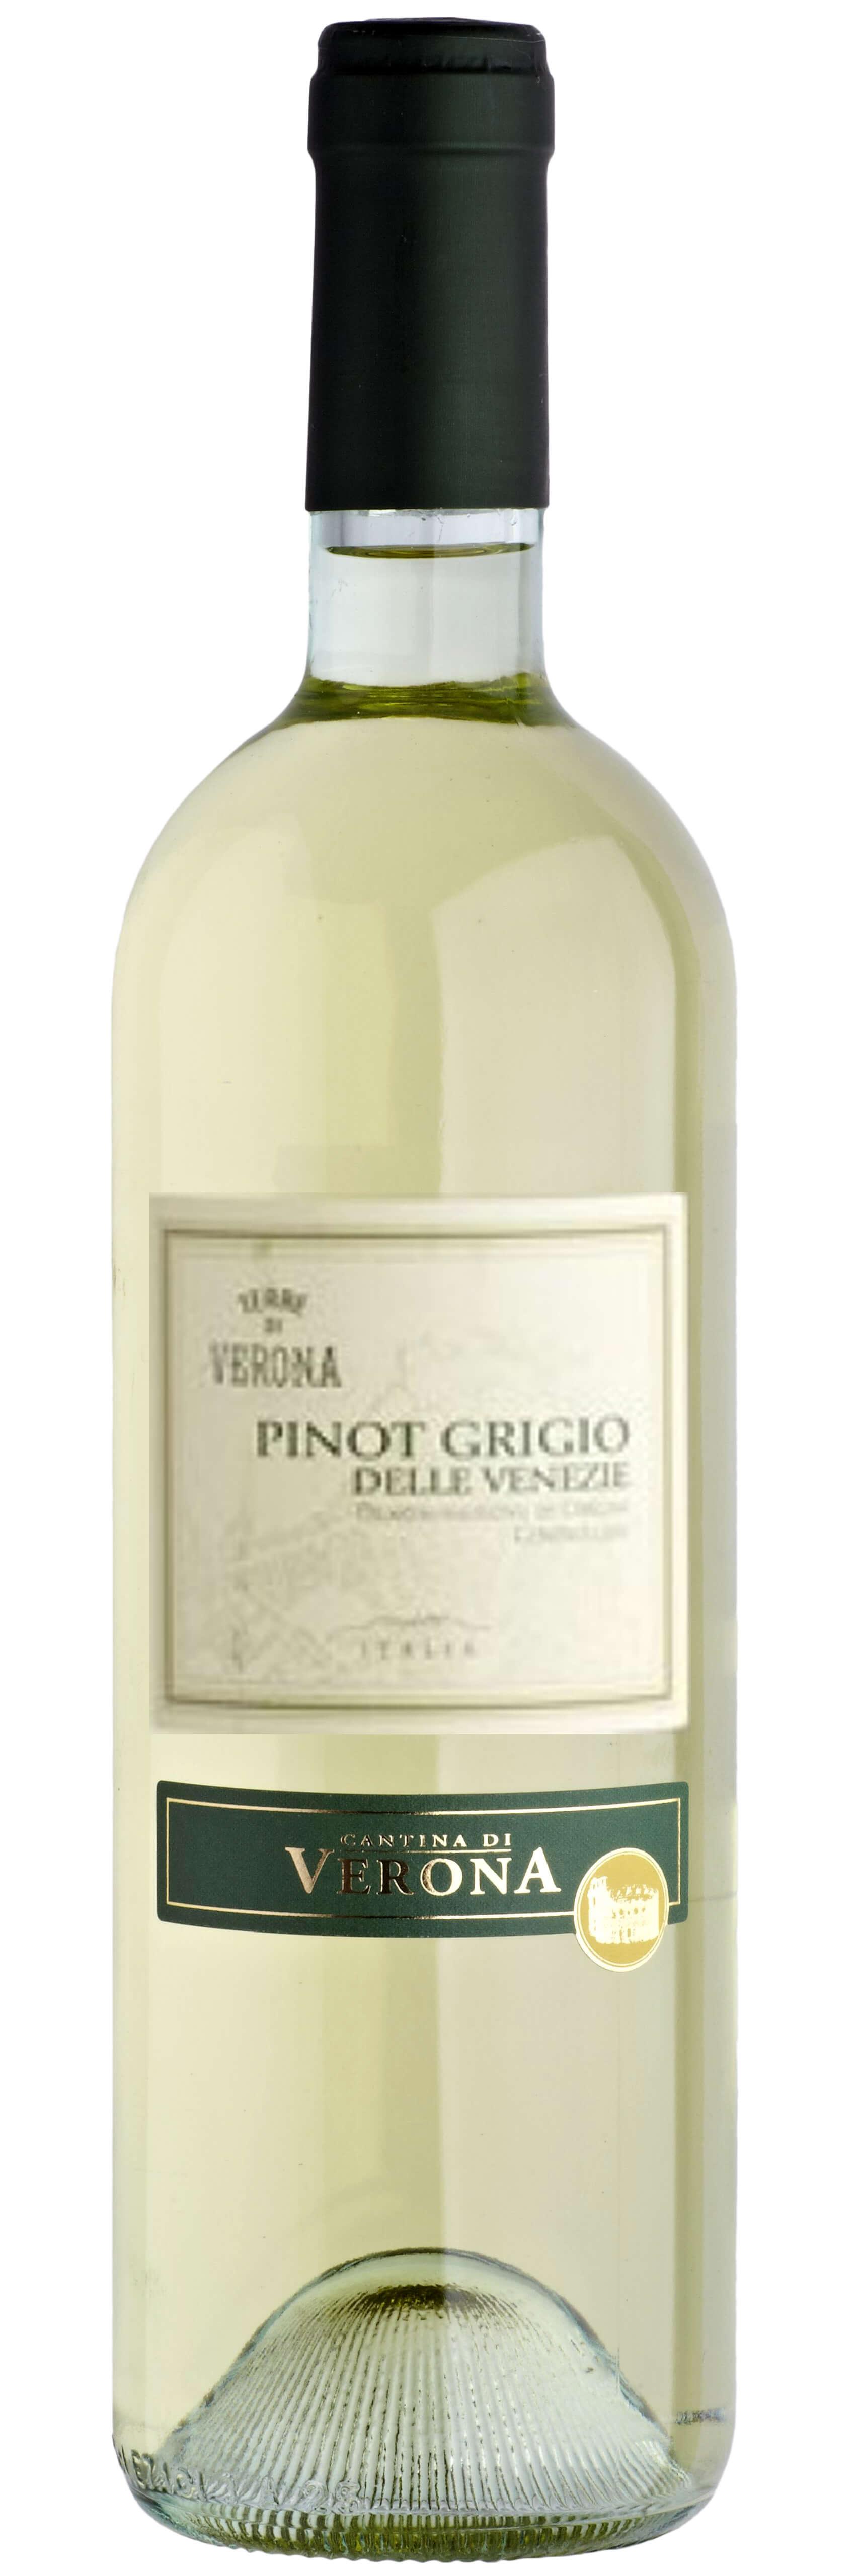 Terre di Verona Pinot Grigio delle Venezie фото